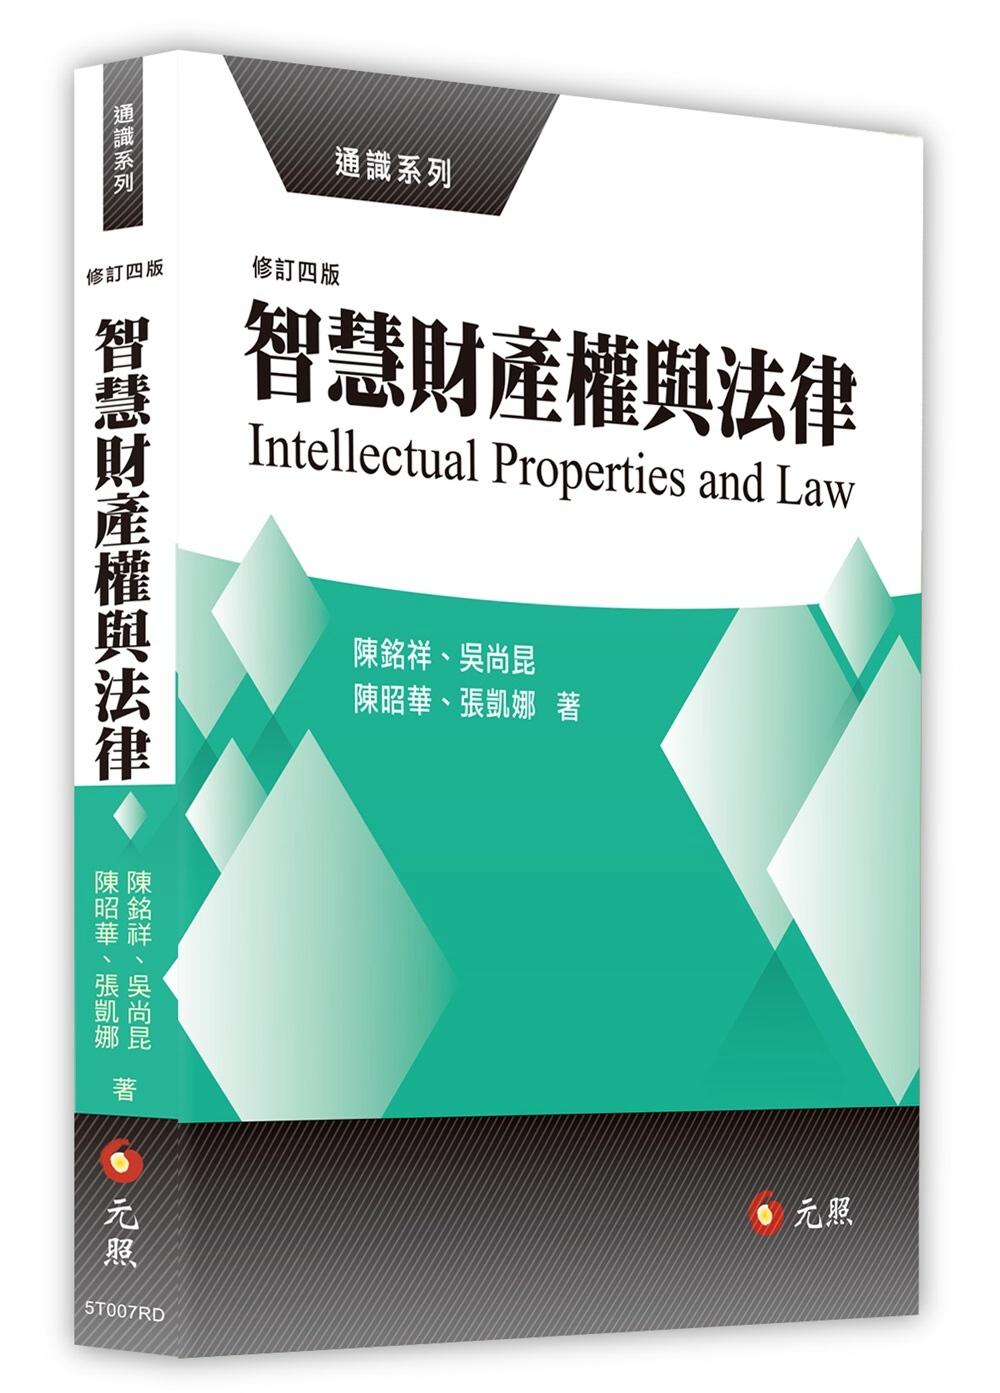 智慧財產權與法律(四版)